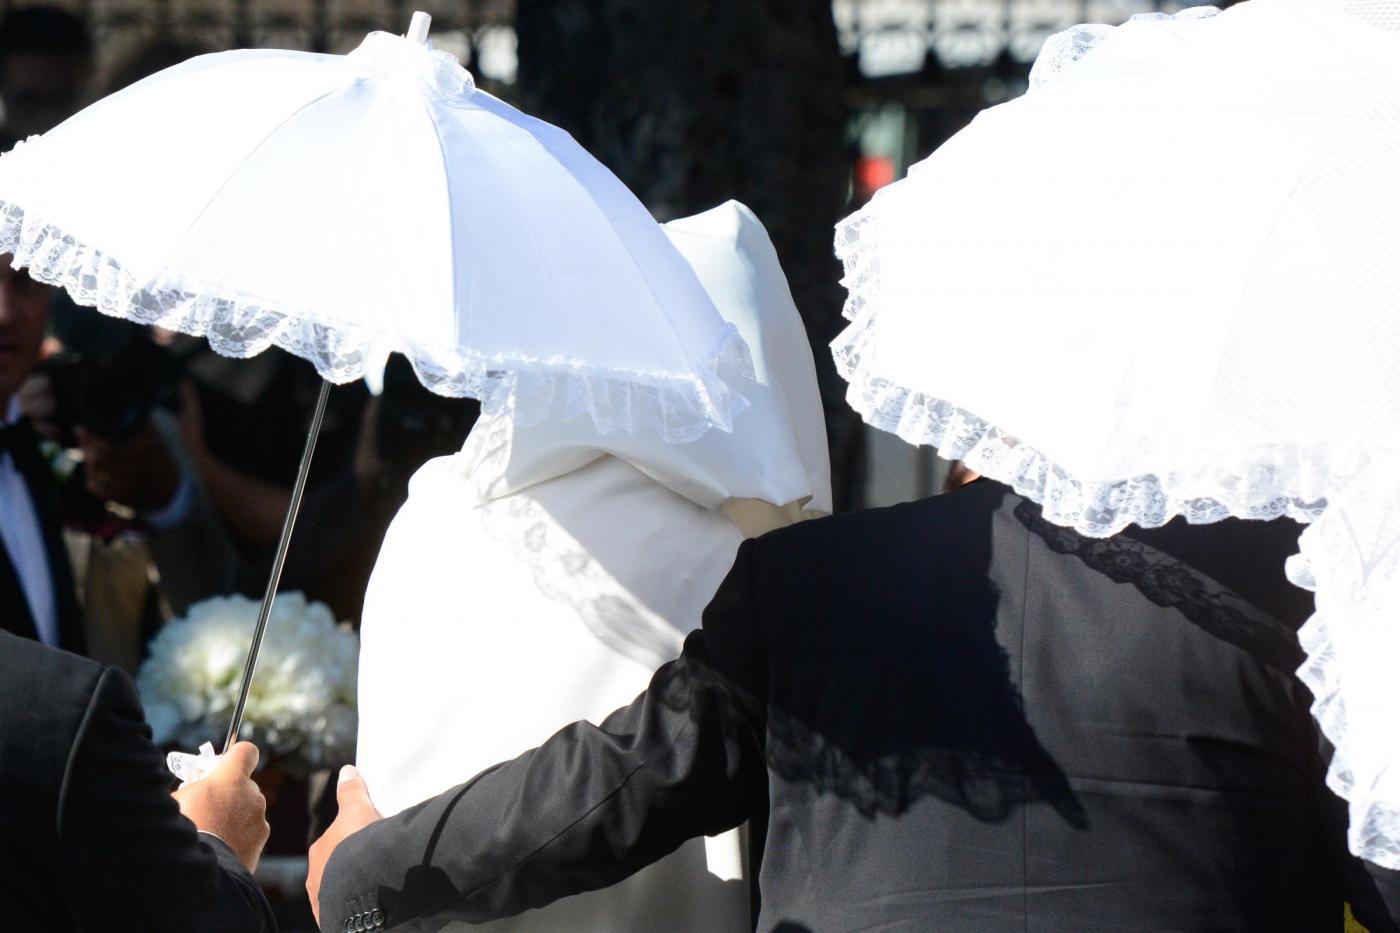 Matrimonio Belotti : Matrimonio belotti emozionata davanti all altare prima